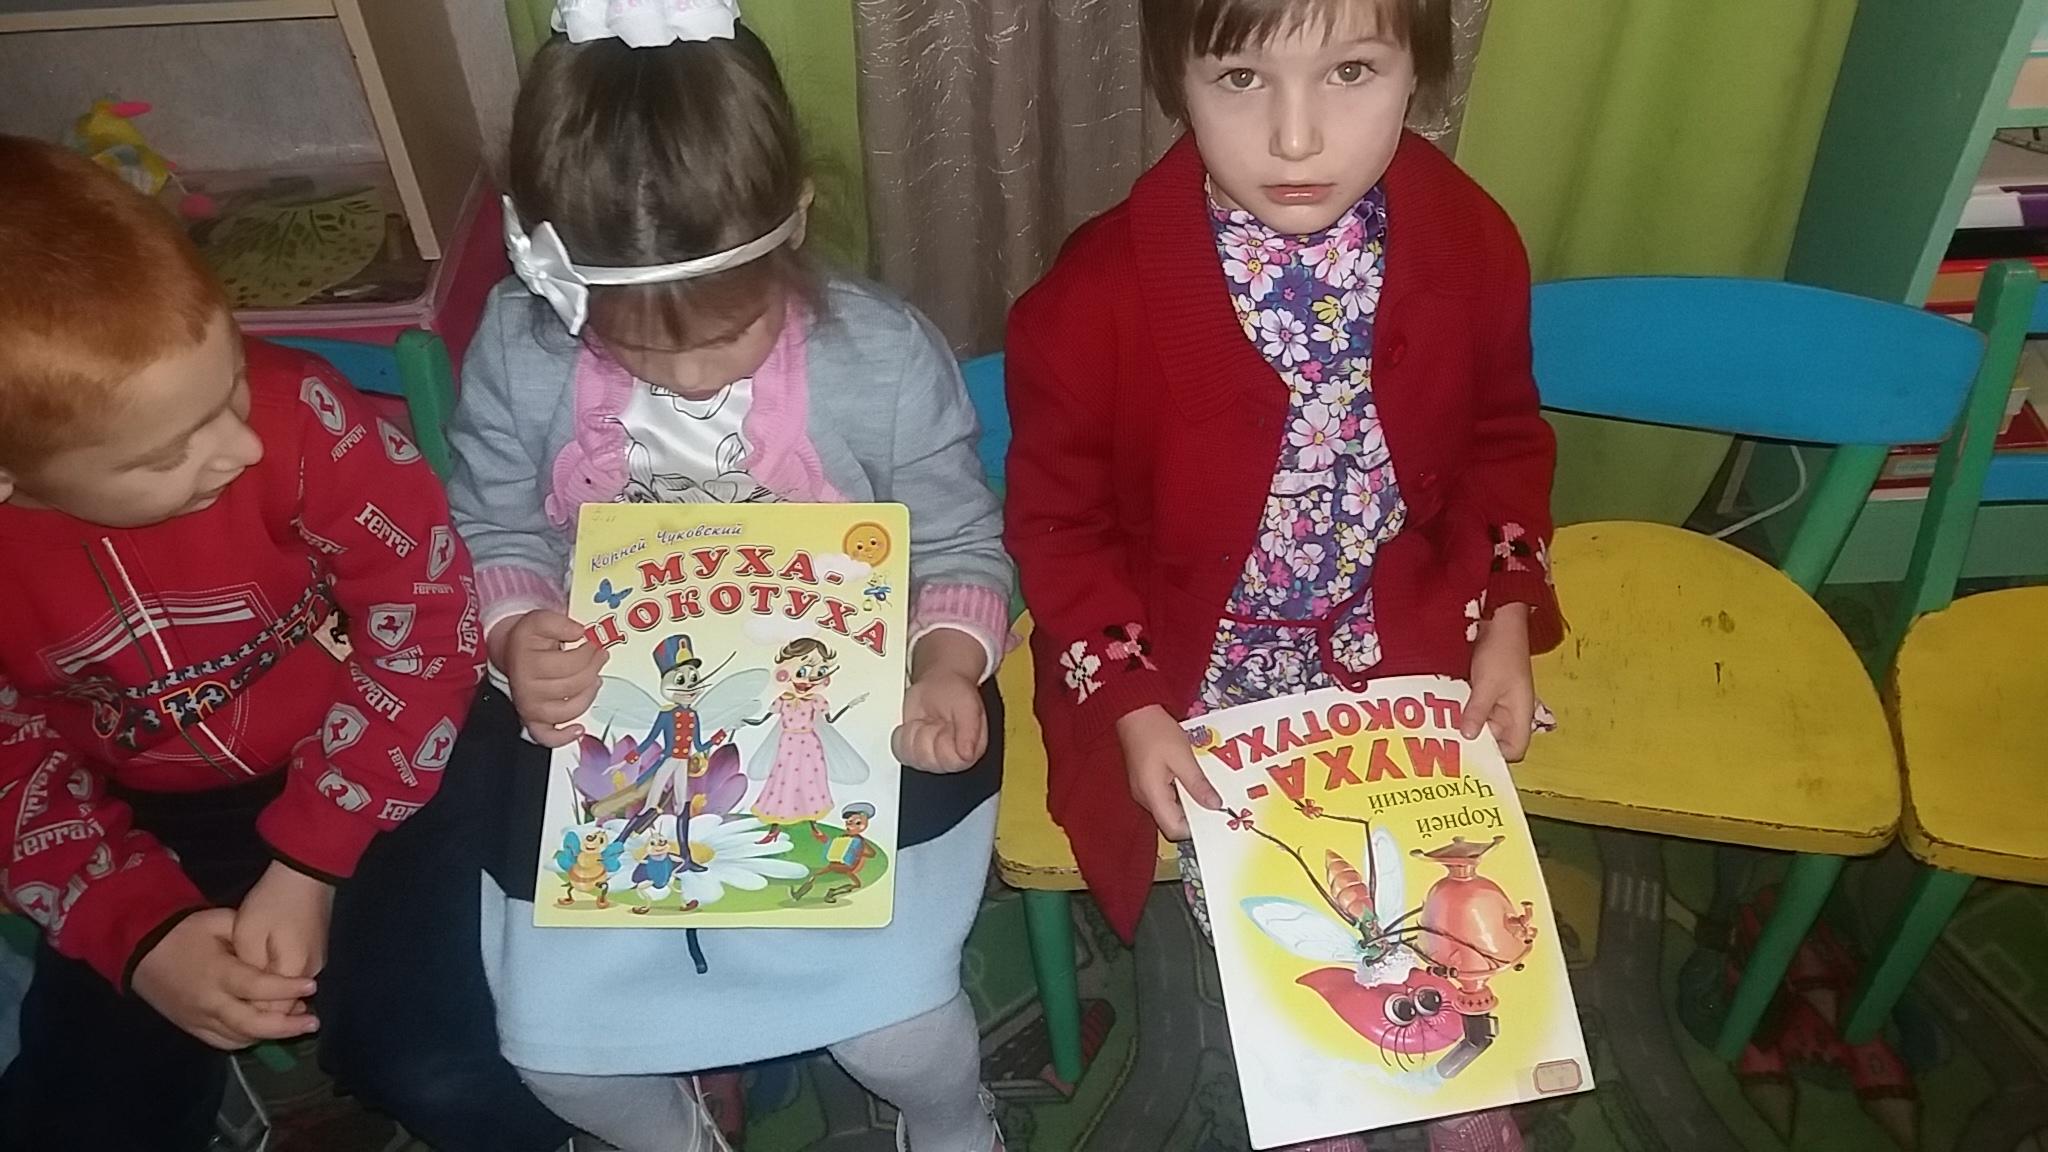 муха цокотуха,донецкая республиканская библиотека для детей,внестационарный отдел обслуживания,детский сад 149,пропаганда чтения,занятия с детьми